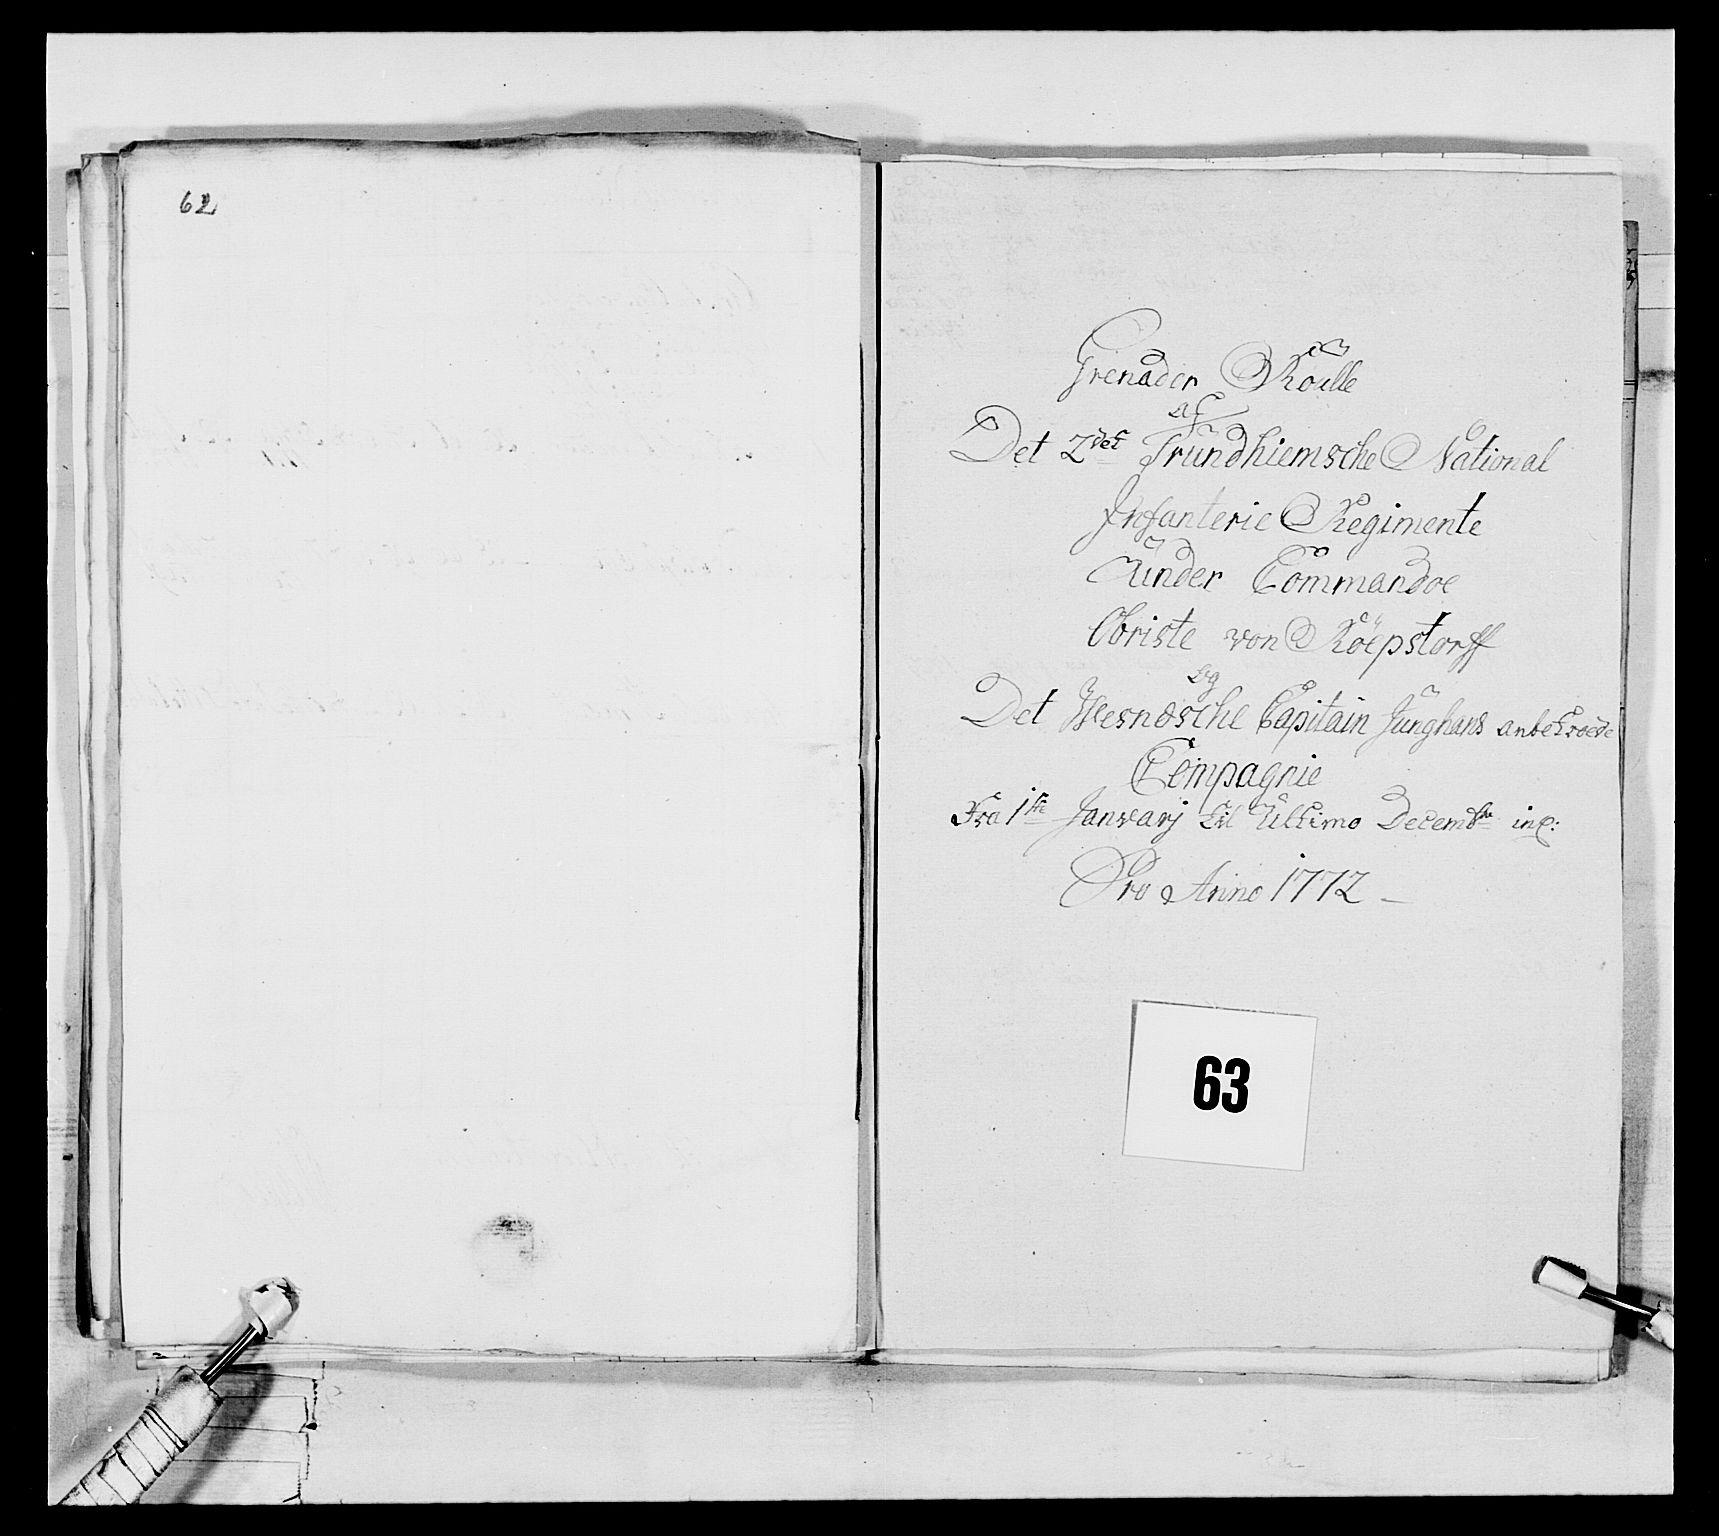 RA, Generalitets- og kommissariatskollegiet, Det kongelige norske kommissariatskollegium, E/Eh/L0076: 2. Trondheimske nasjonale infanteriregiment, 1766-1773, s. 220